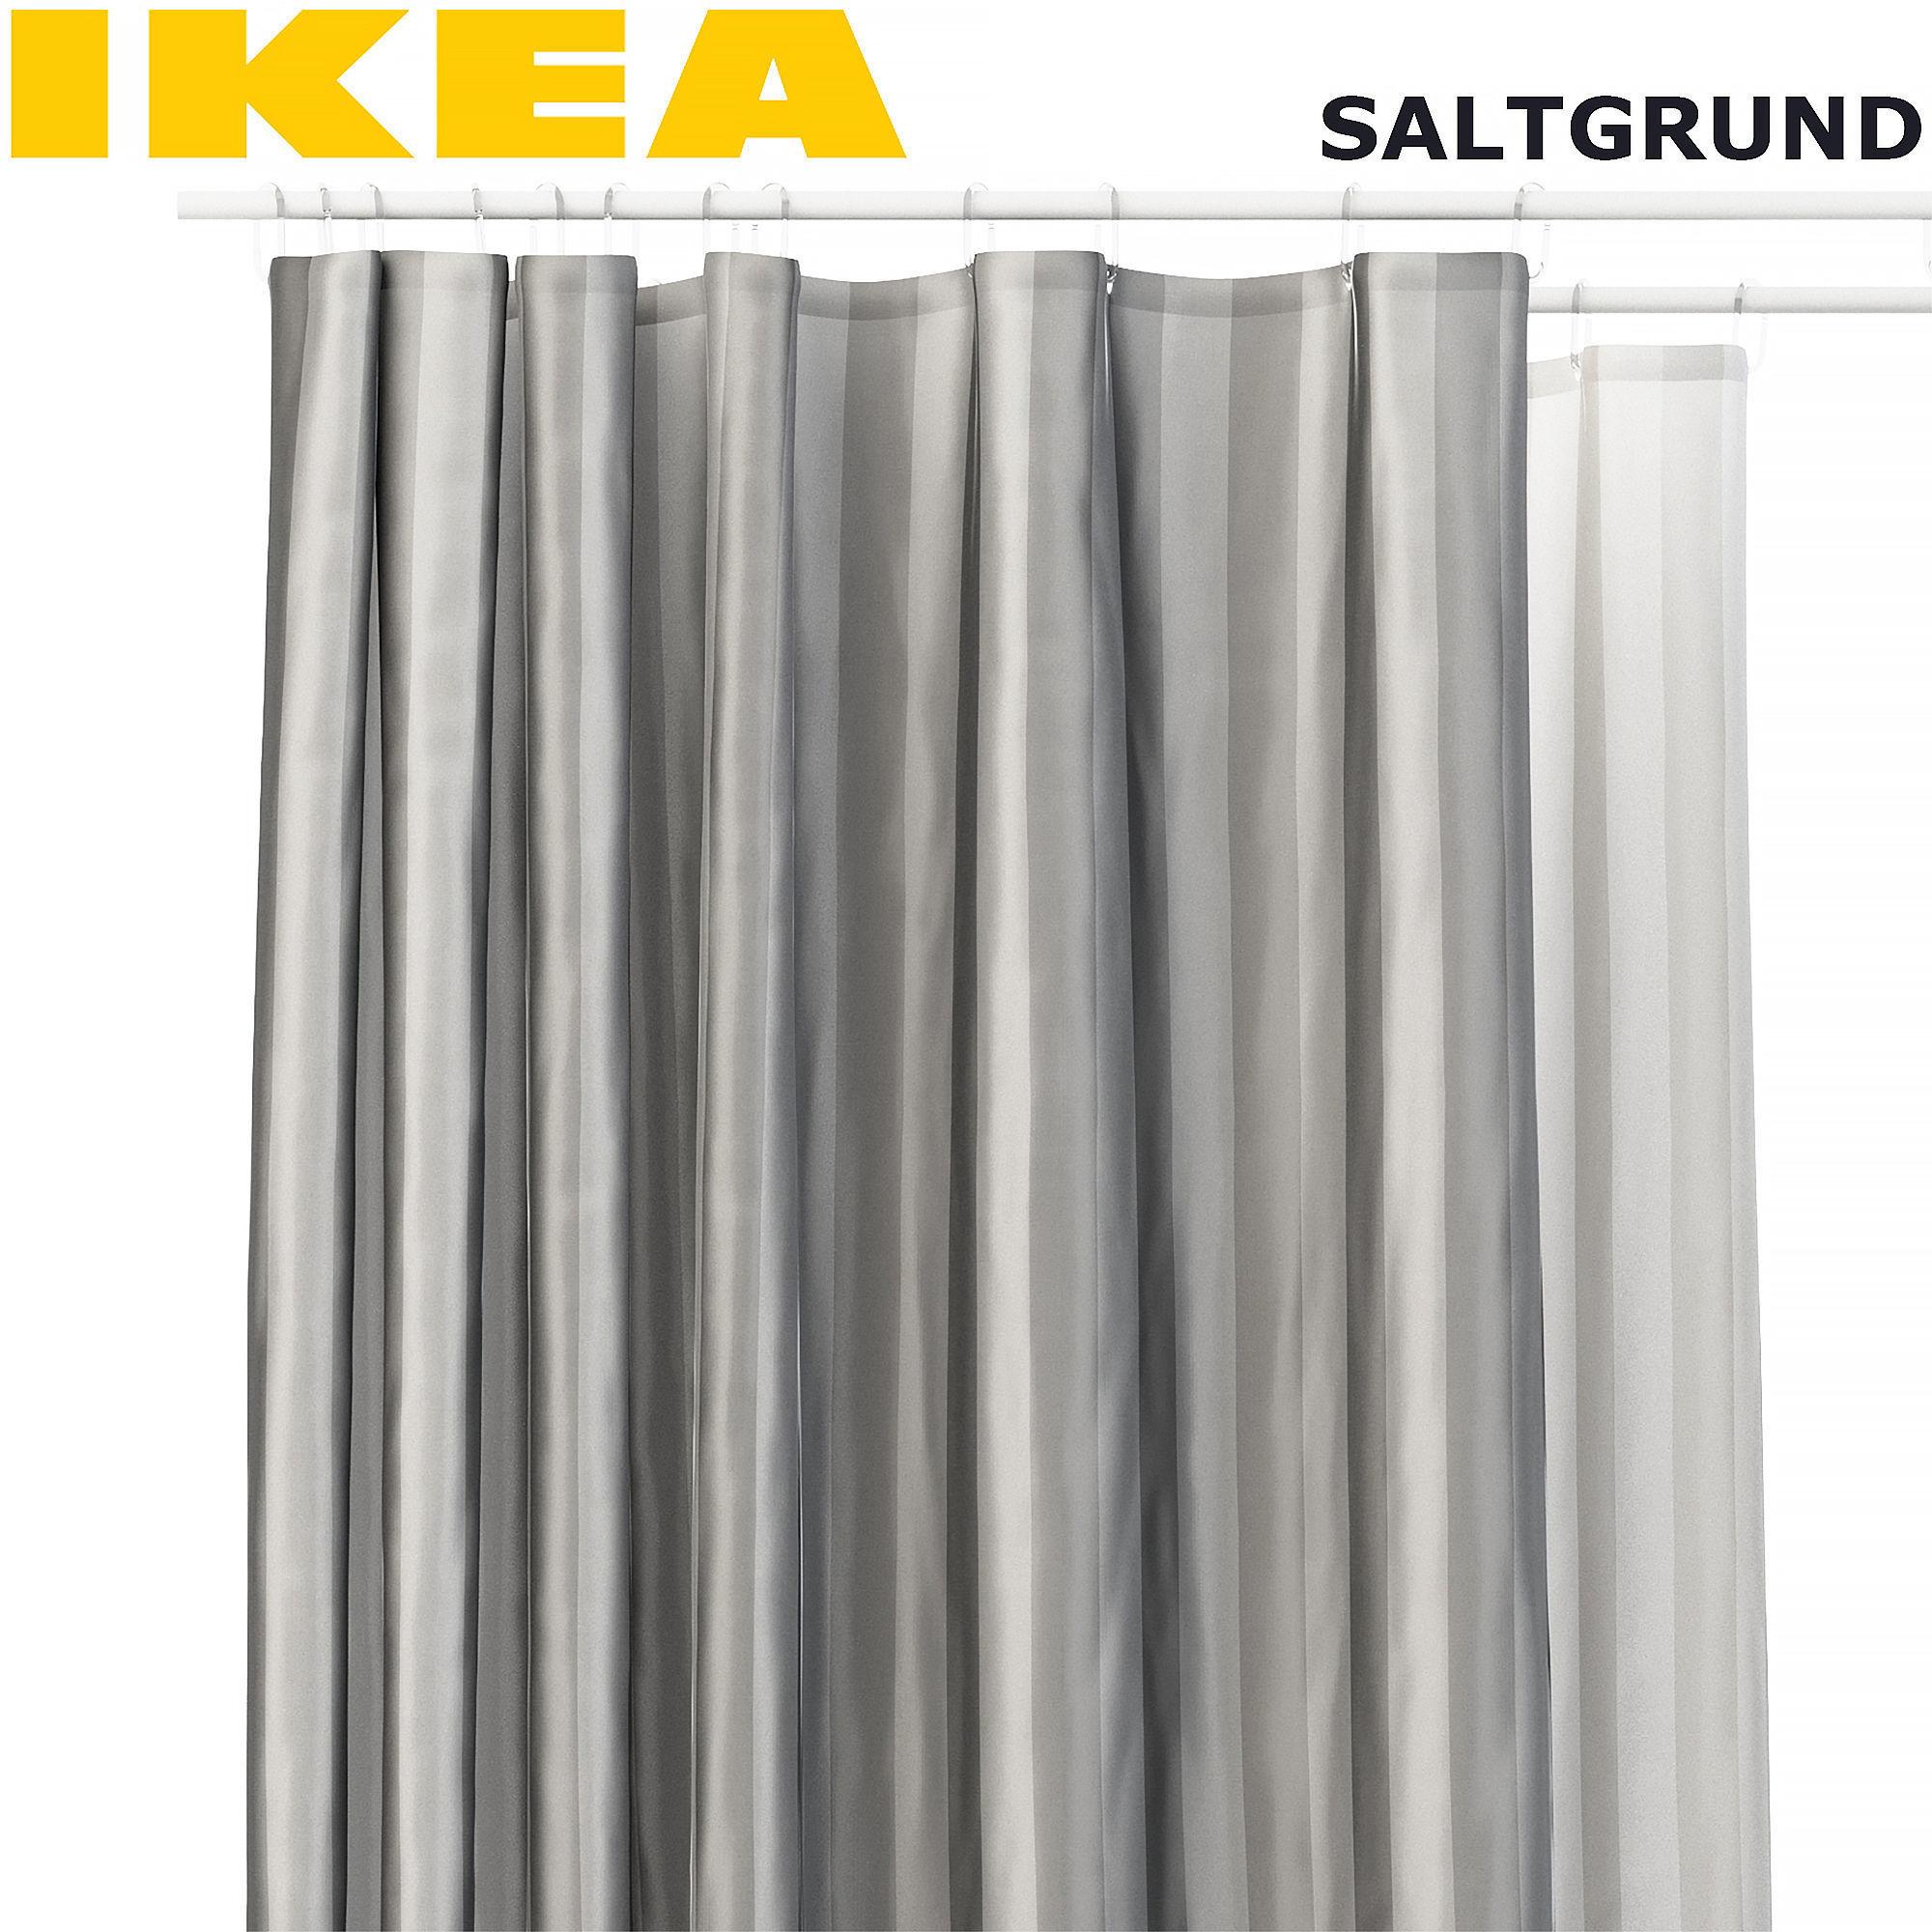 Distinctive Ikea Saltgrund Shower Curtains Set Model Max Obj Fbx Mtl Ikea Saltgrund Shower Curtains Set Cgtrader Ikea Shower Curtains Hk Ikea Shower Curtains Uk houzz-03 Ikea Shower Curtains